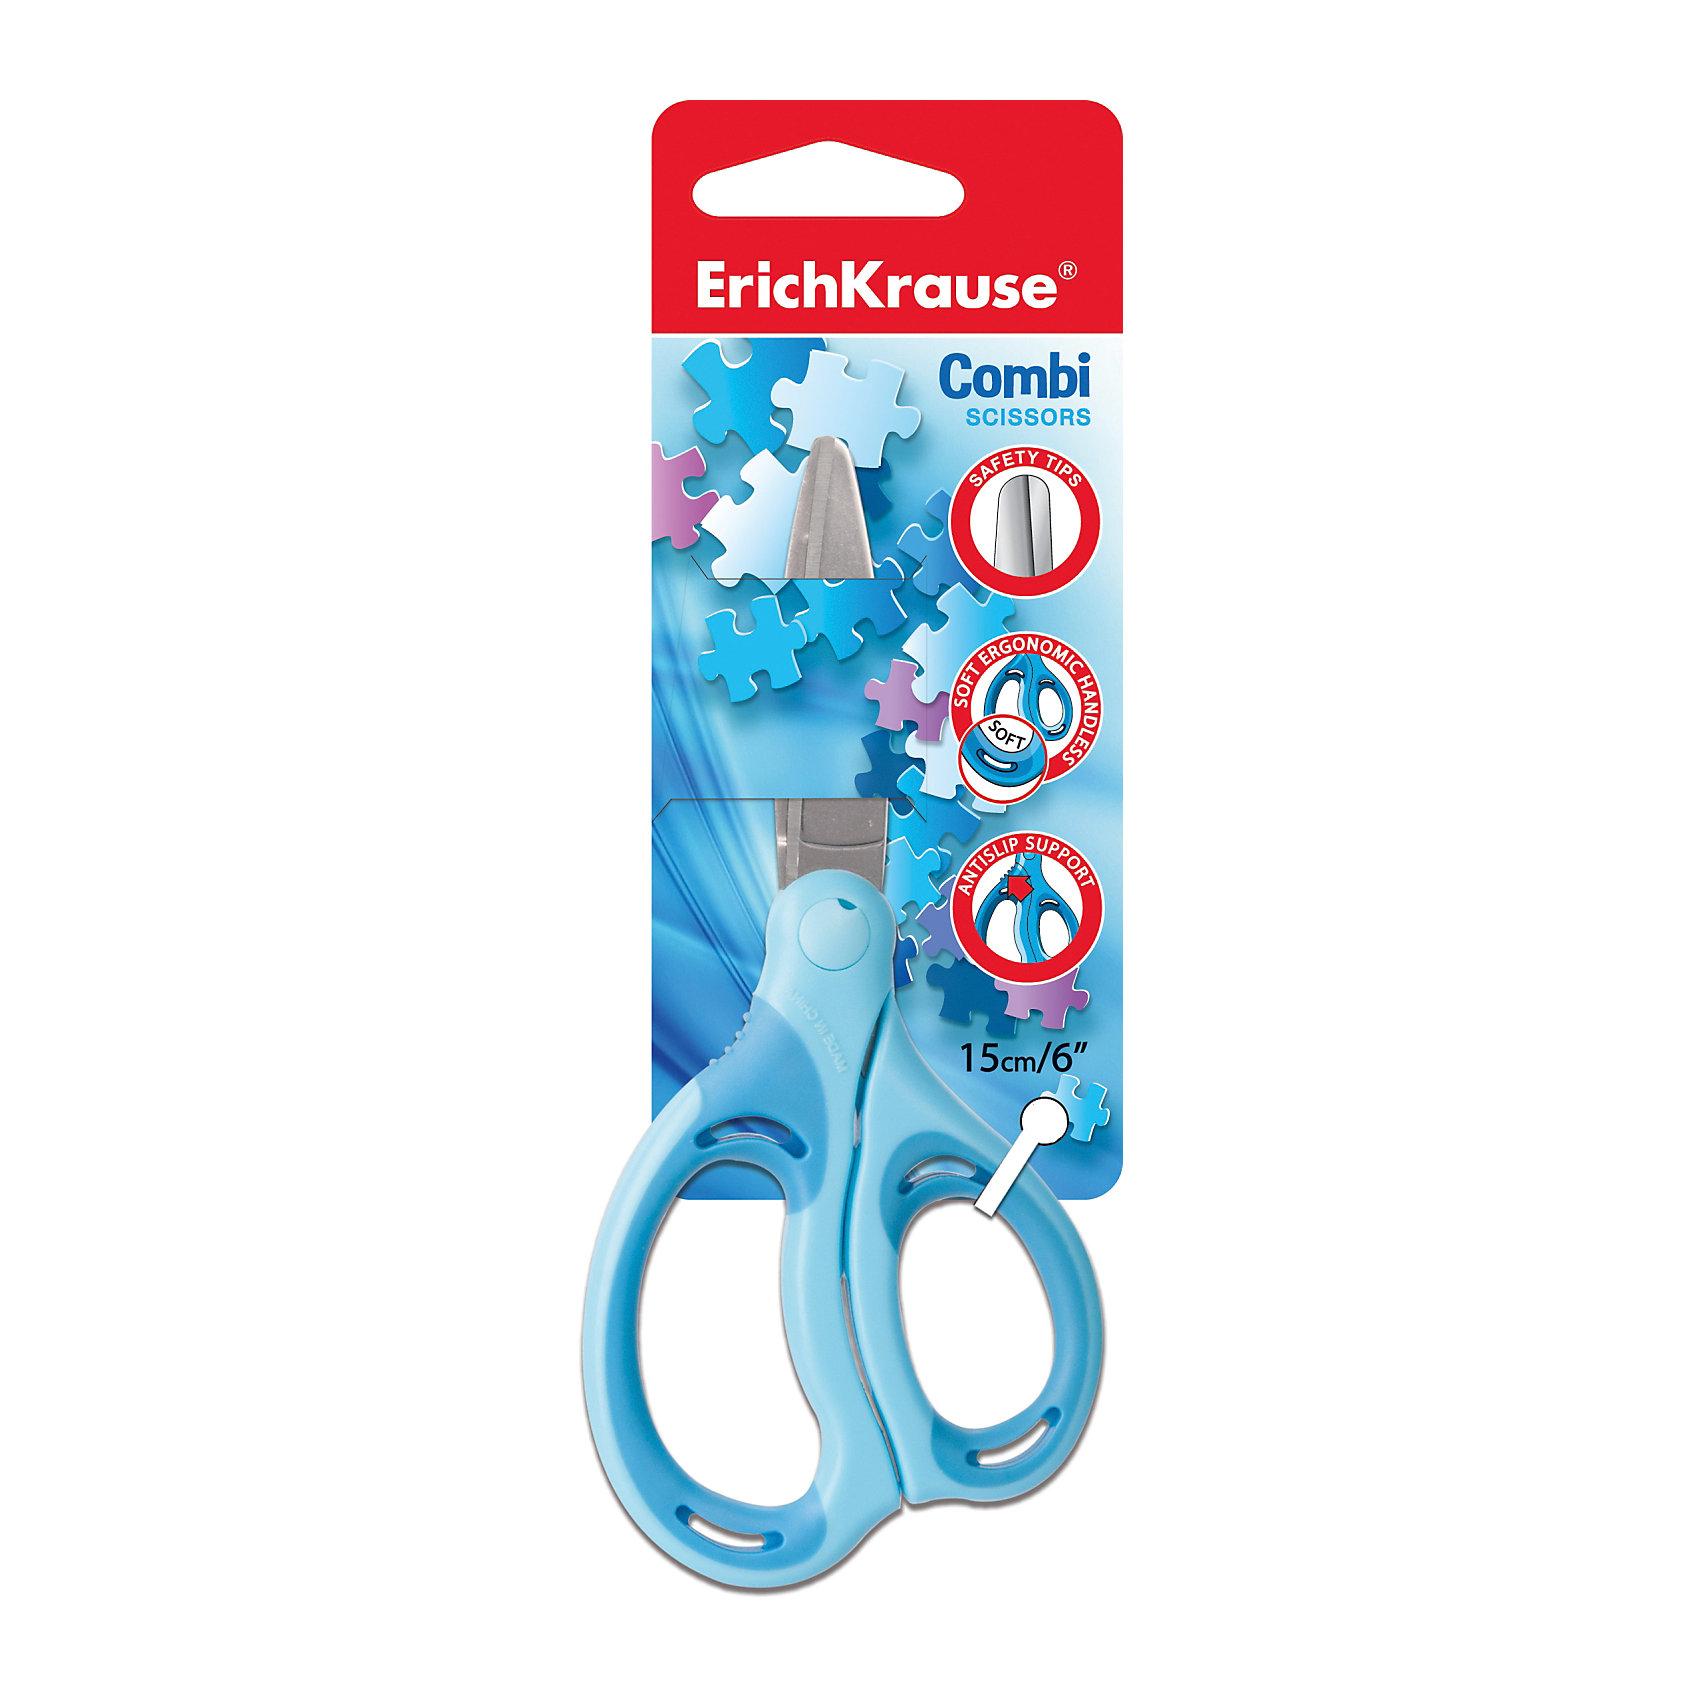 Ножницы Combi 15 смХарактеристики ножниц Combi 15 см:<br><br>• возраст: от 7 лет<br>• пол: для мальчиков и девочек<br>• материал: сталь, пластик, резина.<br>• упаковка: картонная подложка.<br>• размер ножниц: 15 см.<br>• размер упаковки: 7 x 19 x 1 см.<br>• бренд: Erich Krause<br>• страна обладатель бренда: Россия.<br><br>Небольшие ножницы с эргономичной ручкой выполнены из качественной стали и пластика со специальными прорезиненными антискользящими вставками, которые обеспечат ребенку правильное расположения изделия в руке. Для безопасности ребенка, ножницы имеют закругленные кончики. Лезвия хорошо режут бумагу и тонкий картон, они достаточно компактные и помещаются в стандартный пенал. Легкий и удобный инструмент для вырезания просто незаменим на уроках и дома.<br><br>Ножницы Combi 15 см торговой марки Erich Krause можно купить в нашем интернет-магазине.<br><br>Ширина мм: 70<br>Глубина мм: 190<br>Высота мм: 10<br>Вес г: 42<br>Возраст от месяцев: 60<br>Возраст до месяцев: 216<br>Пол: Унисекс<br>Возраст: Детский<br>SKU: 5409201